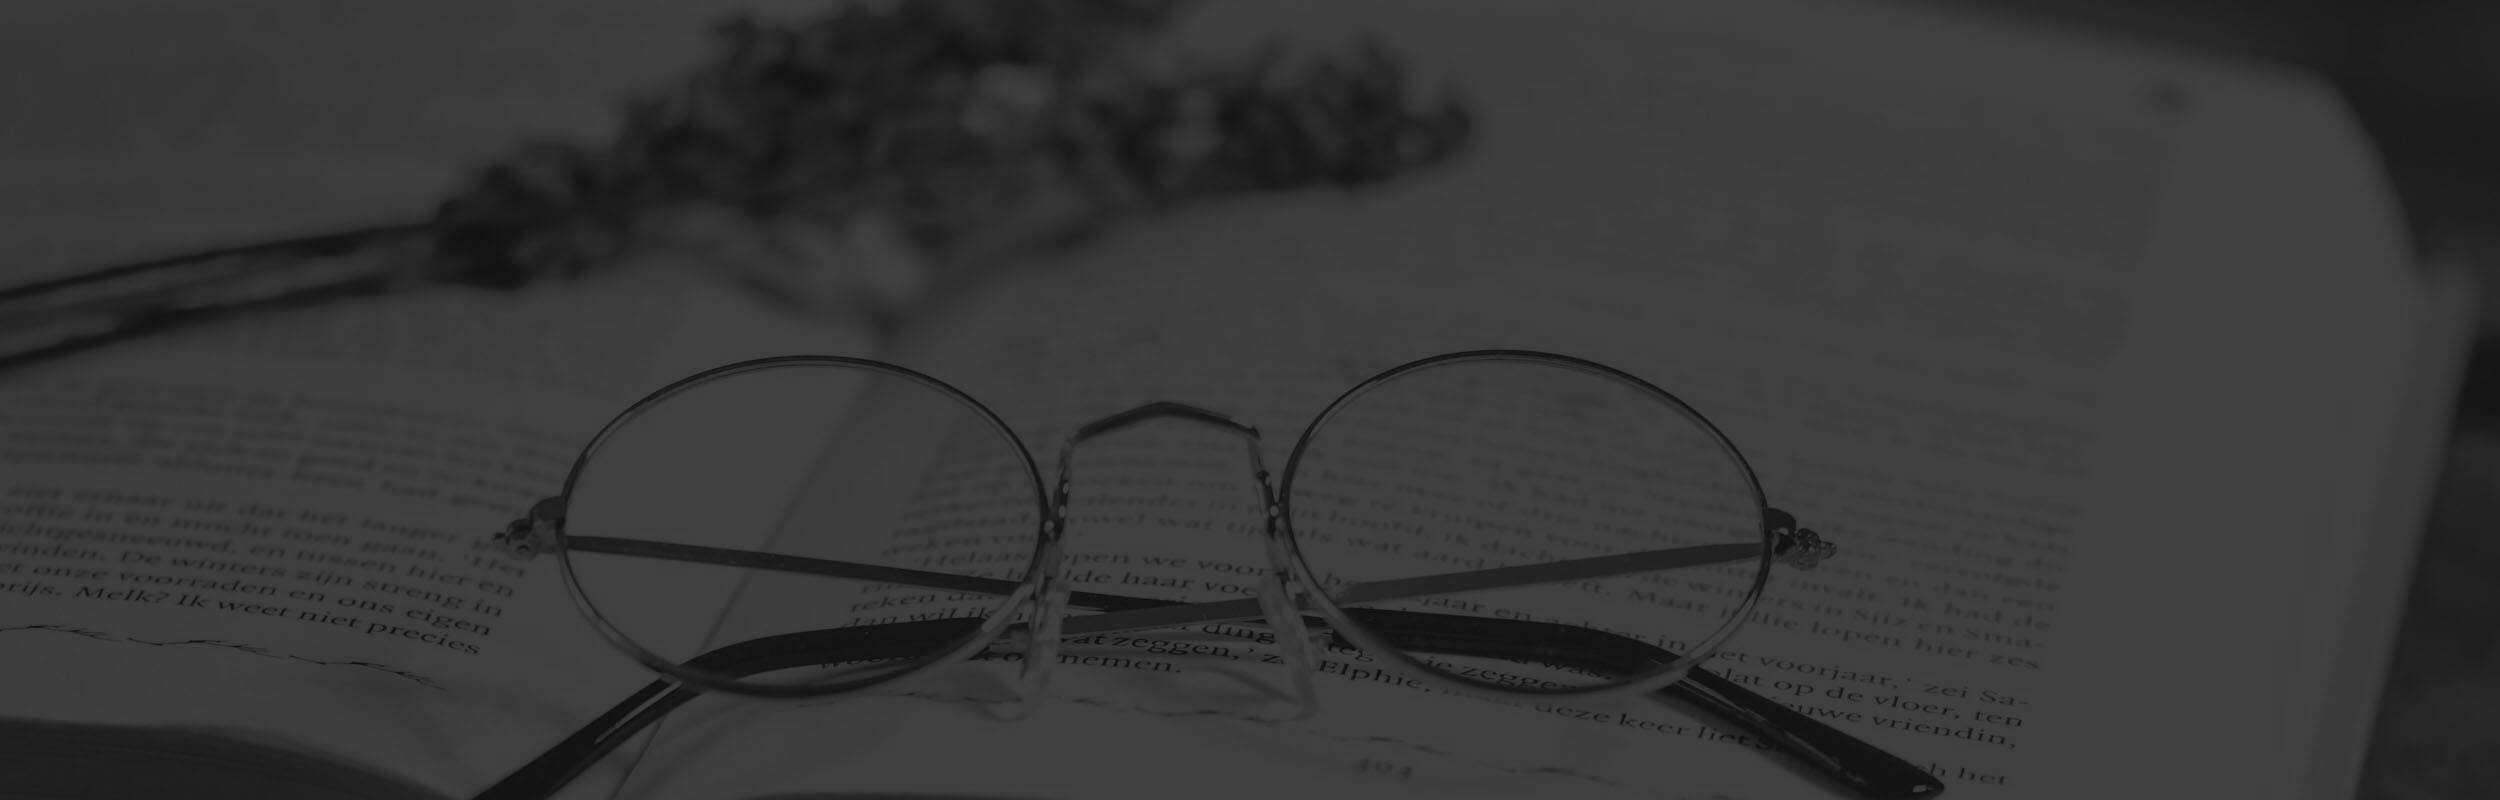 okuliare a levandľa na otvorenej knihe